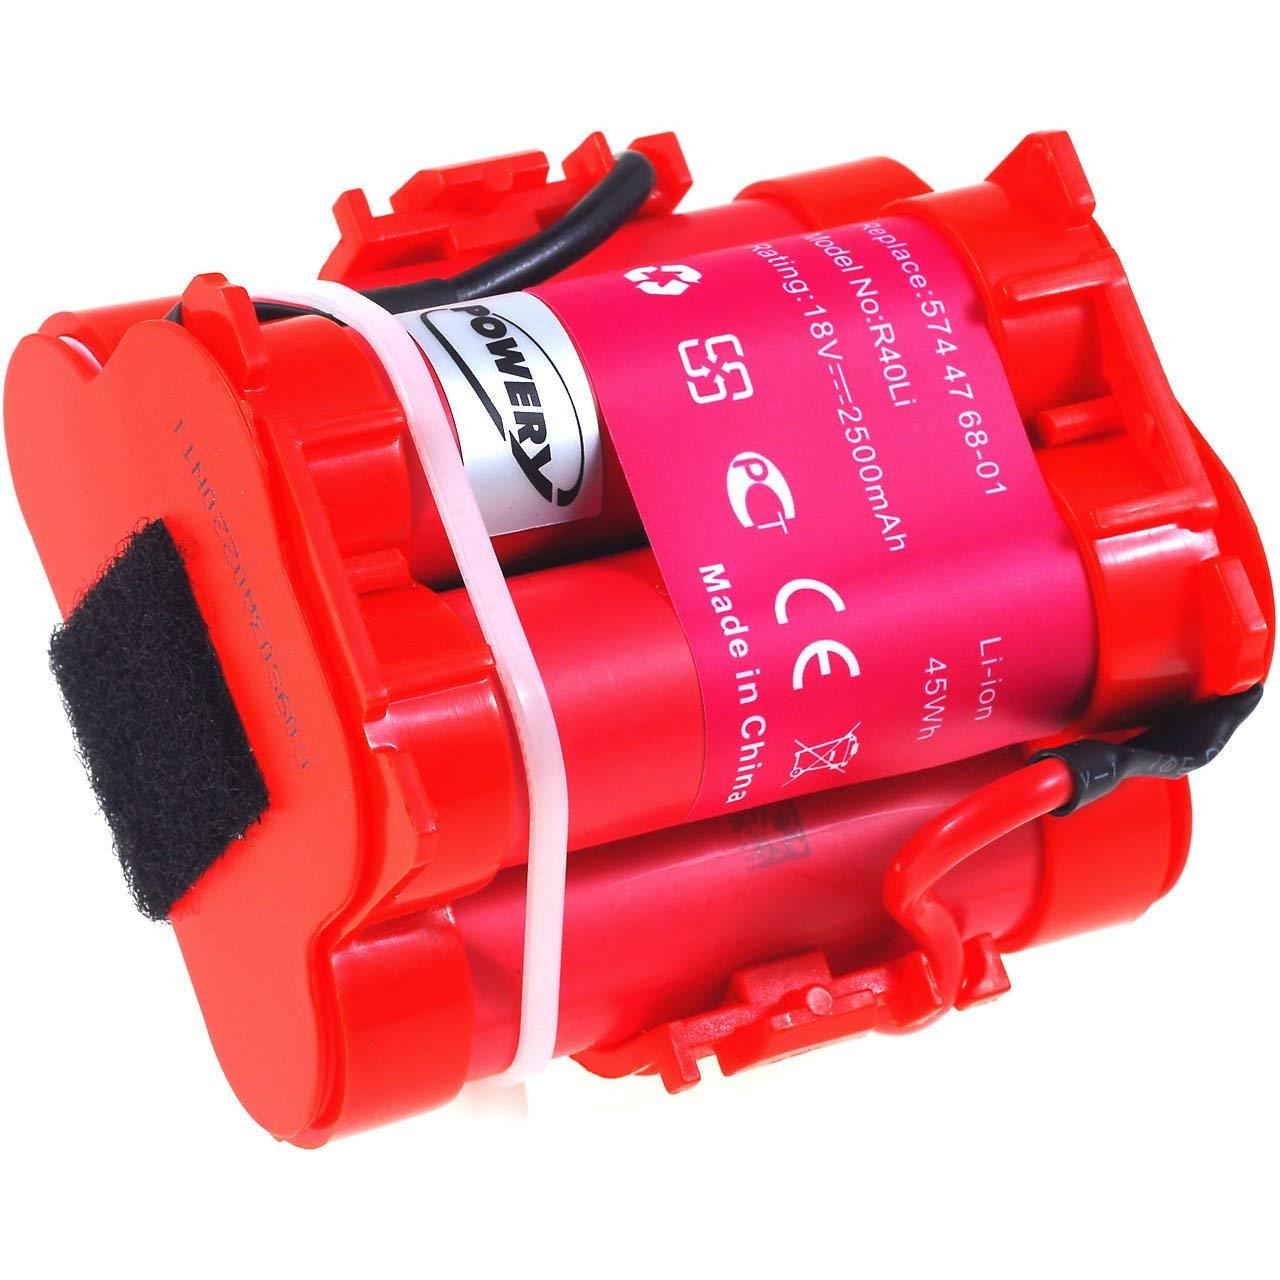 Batería de Alta Capacidad para Robot Cortacésped Husqvarna Automower 105